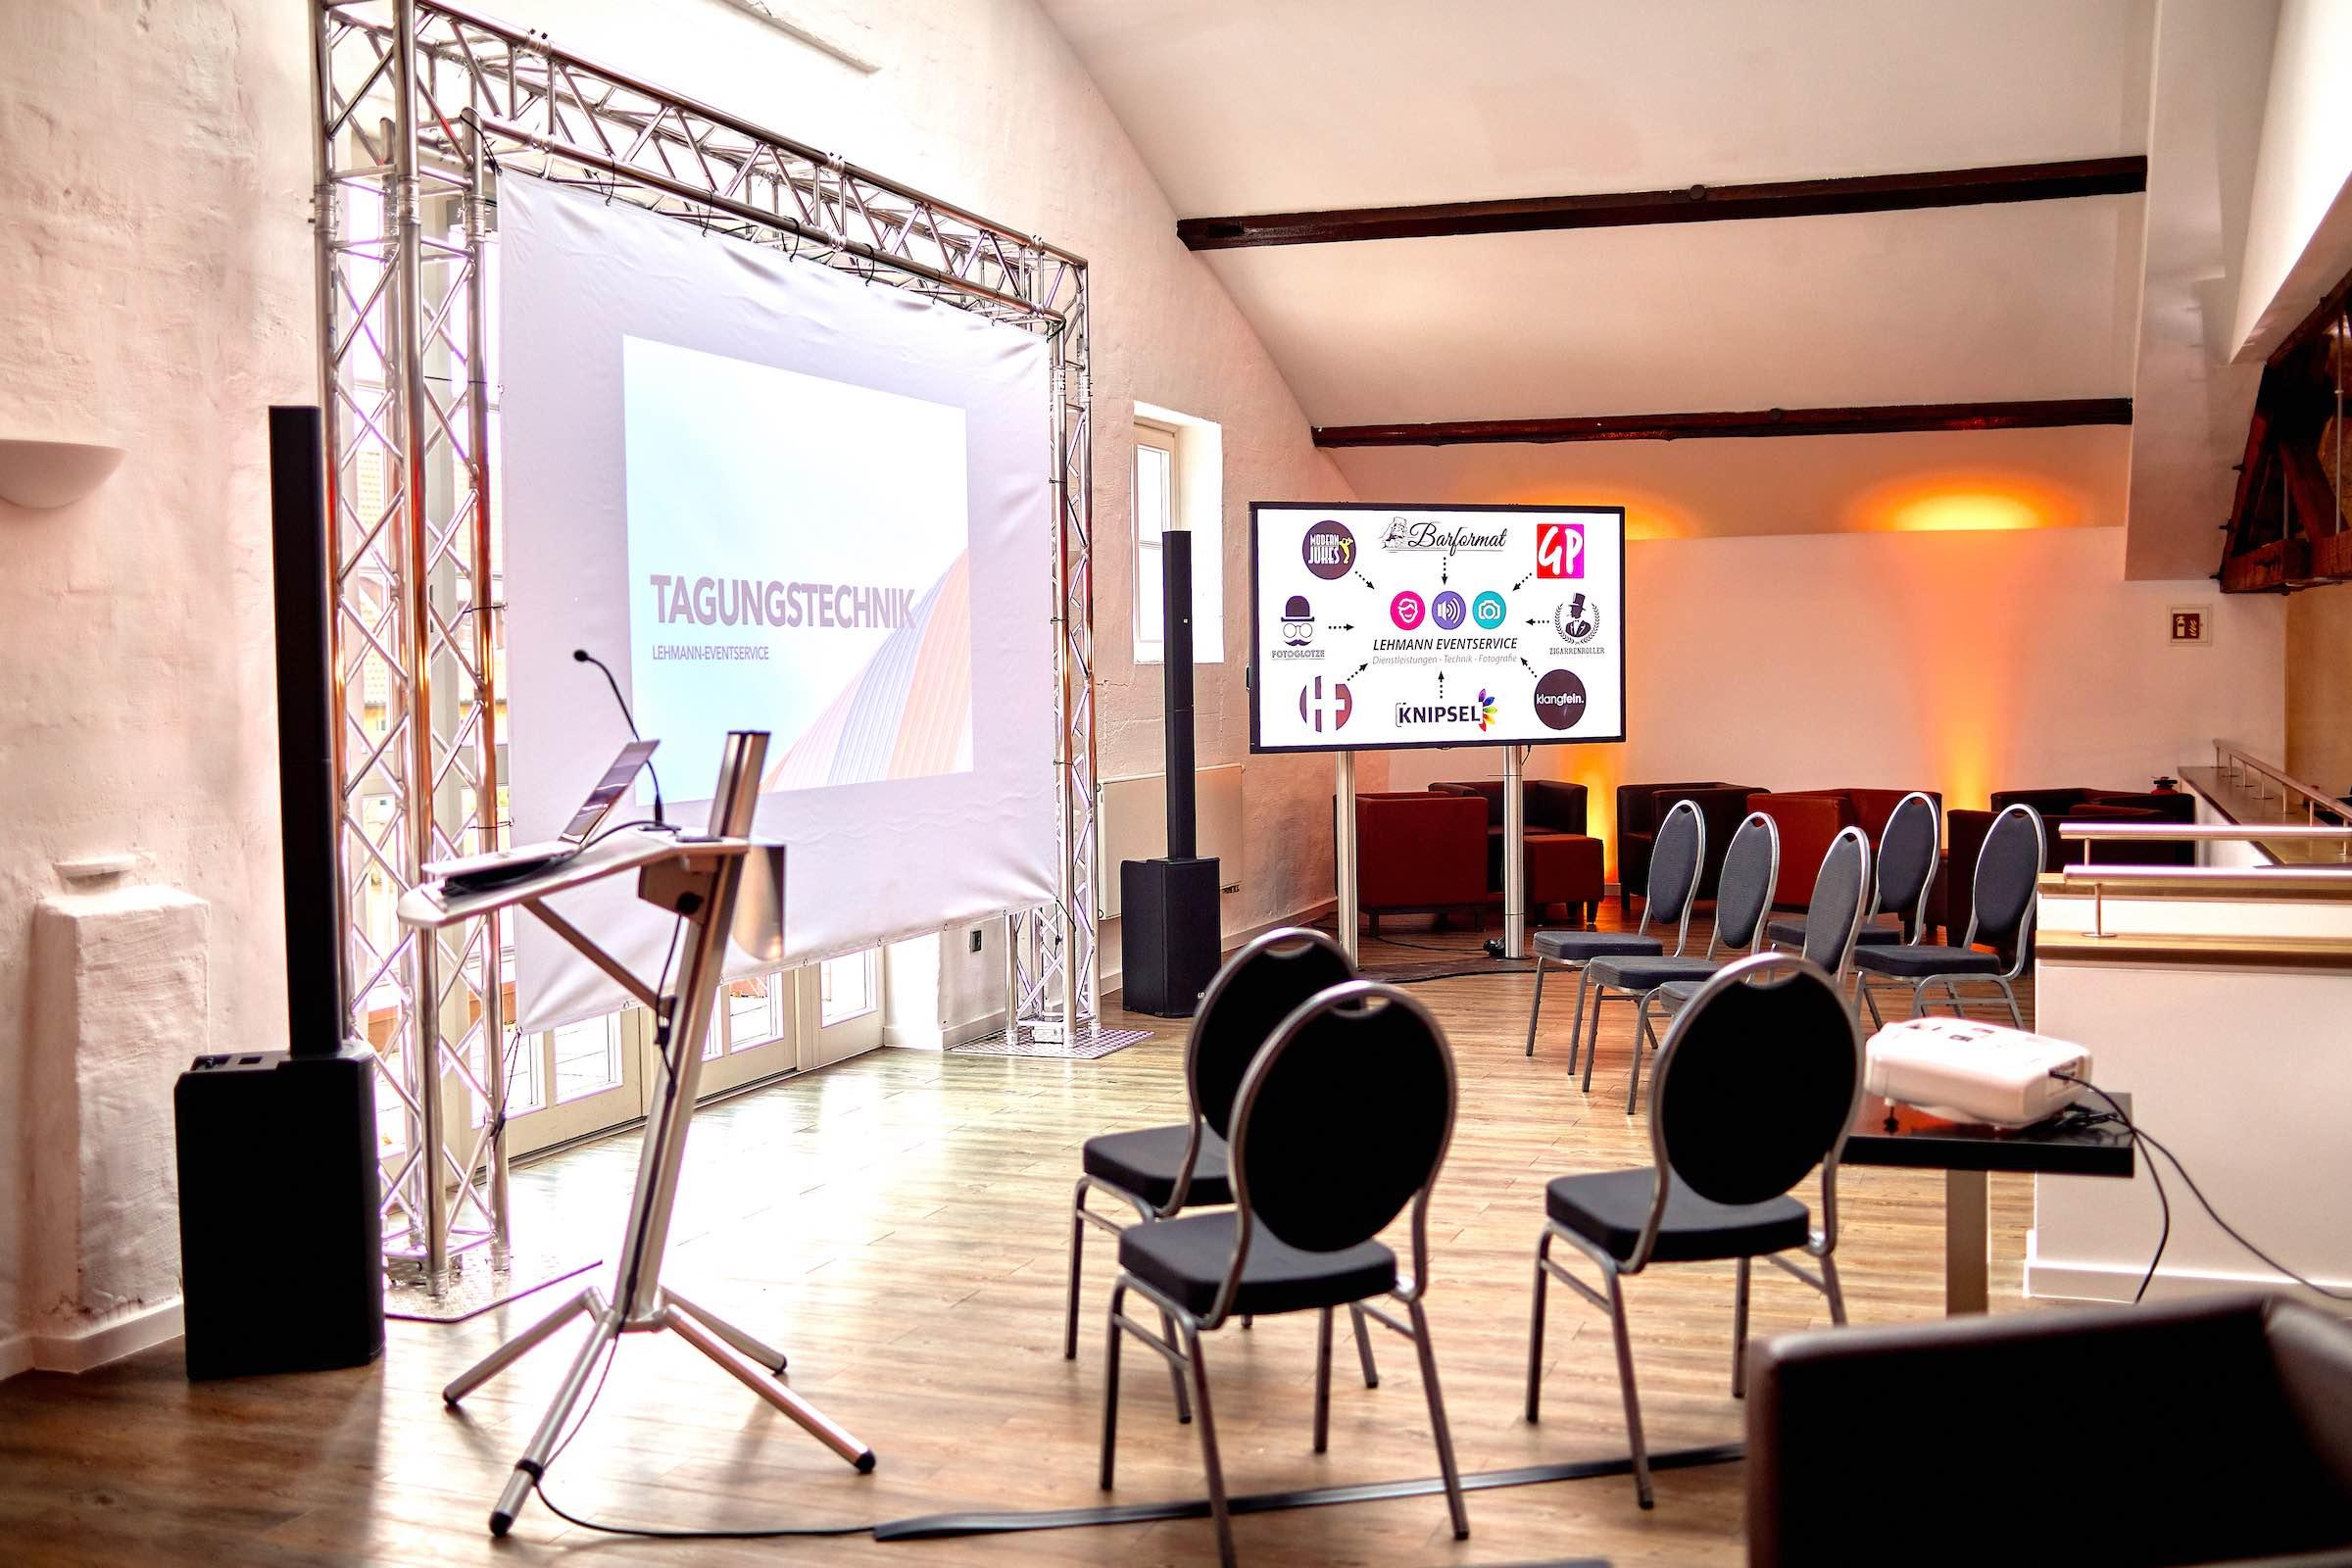 Tagungstechnik | Hannover | Mikrofone | Beamer | LCD | Leinwände | Rednerpult | Flipchart | Tagung | Online | Virtuell | Bühne | Lichttechnik | Tontechnik | Beschallung | Traversen | Mieten | Buchen | Lehmann | Eventservice